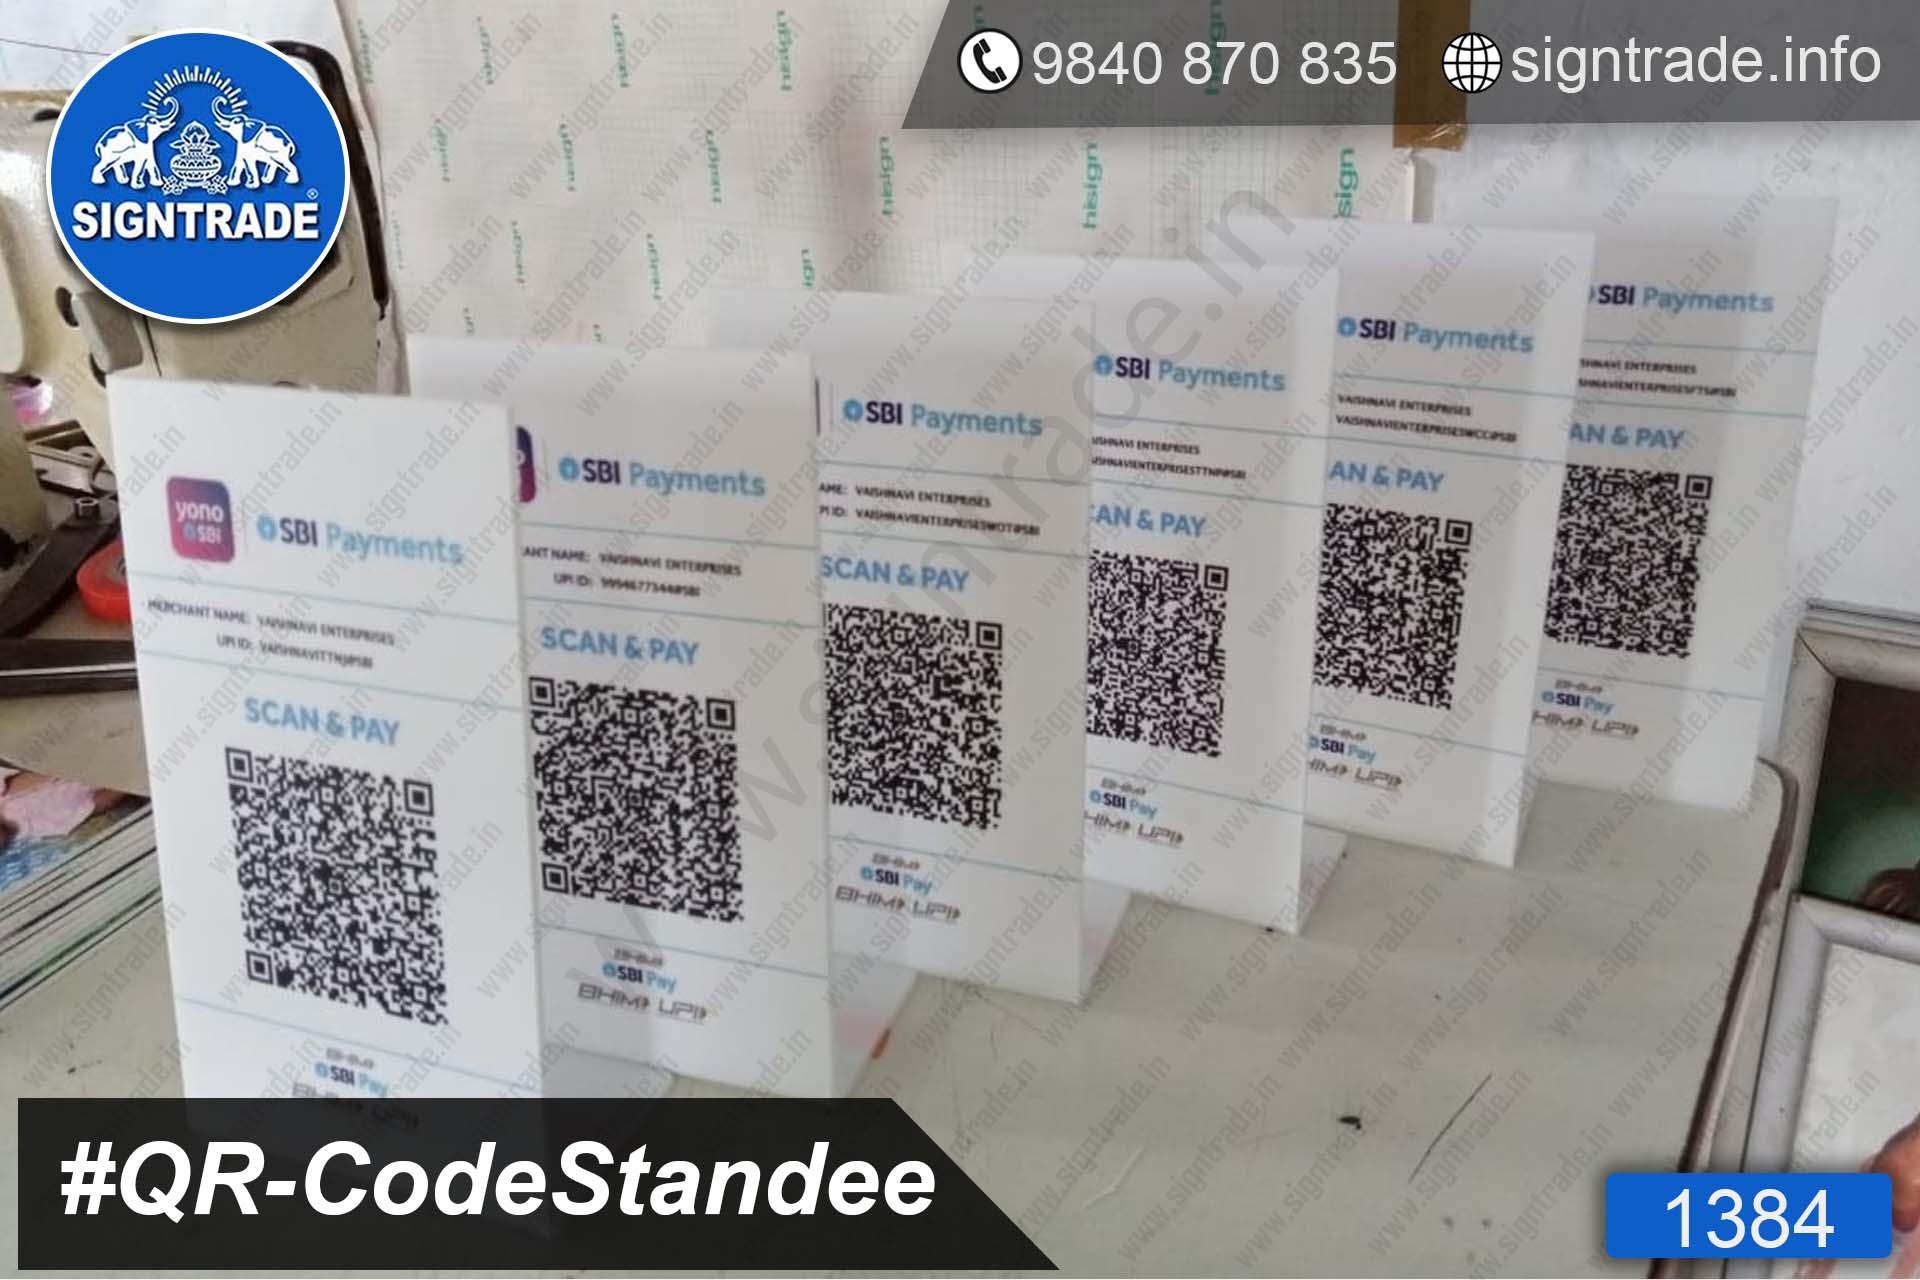 1384-QR Code Scanner, Acrylic QR Code Standee, Acrylic QR Code Scanner